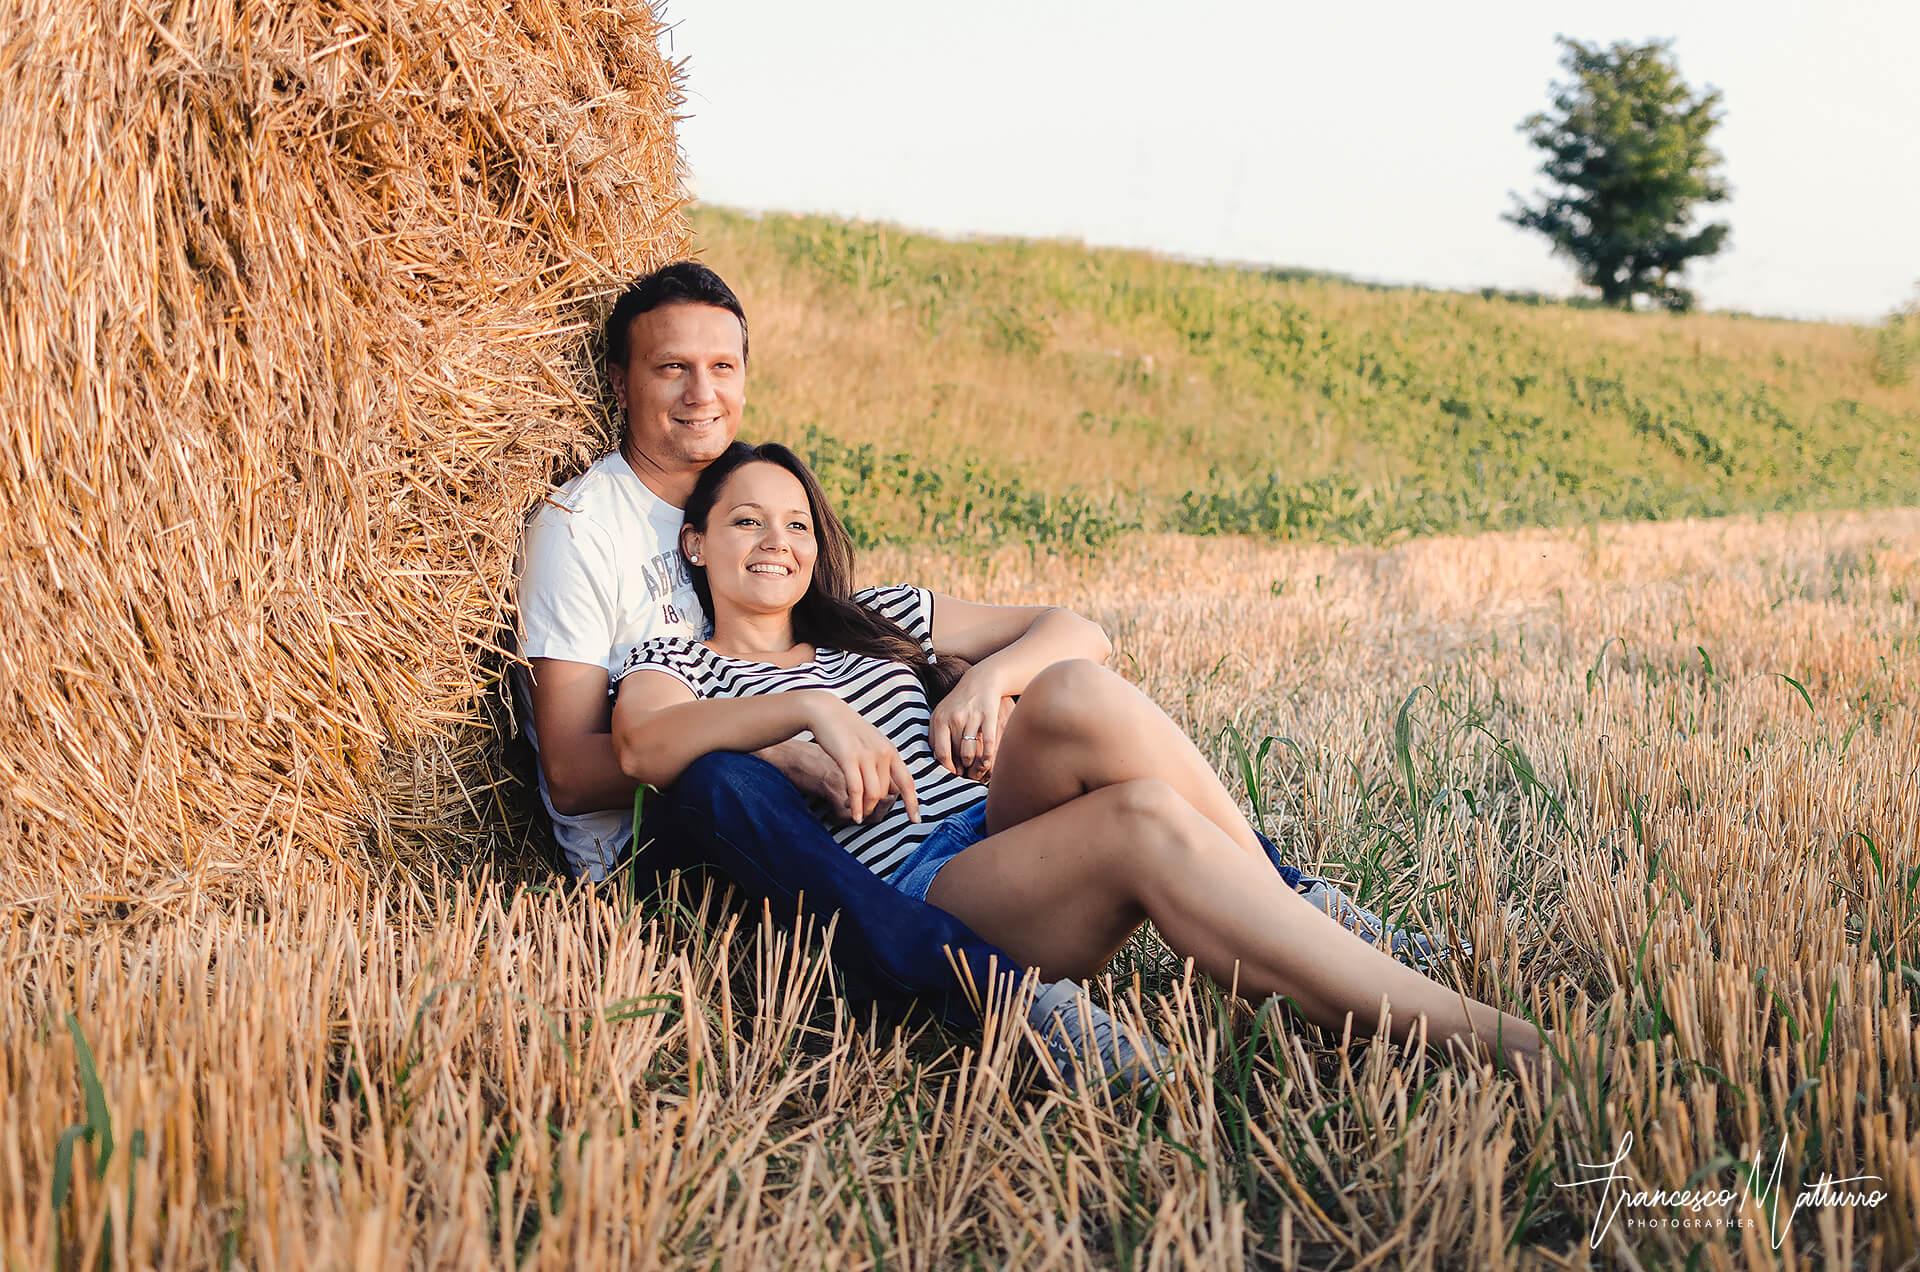 Servizio fotografico pre-matrimoniale di una coppia giovane in un campo di grano ad Asti di Francesco Matturro